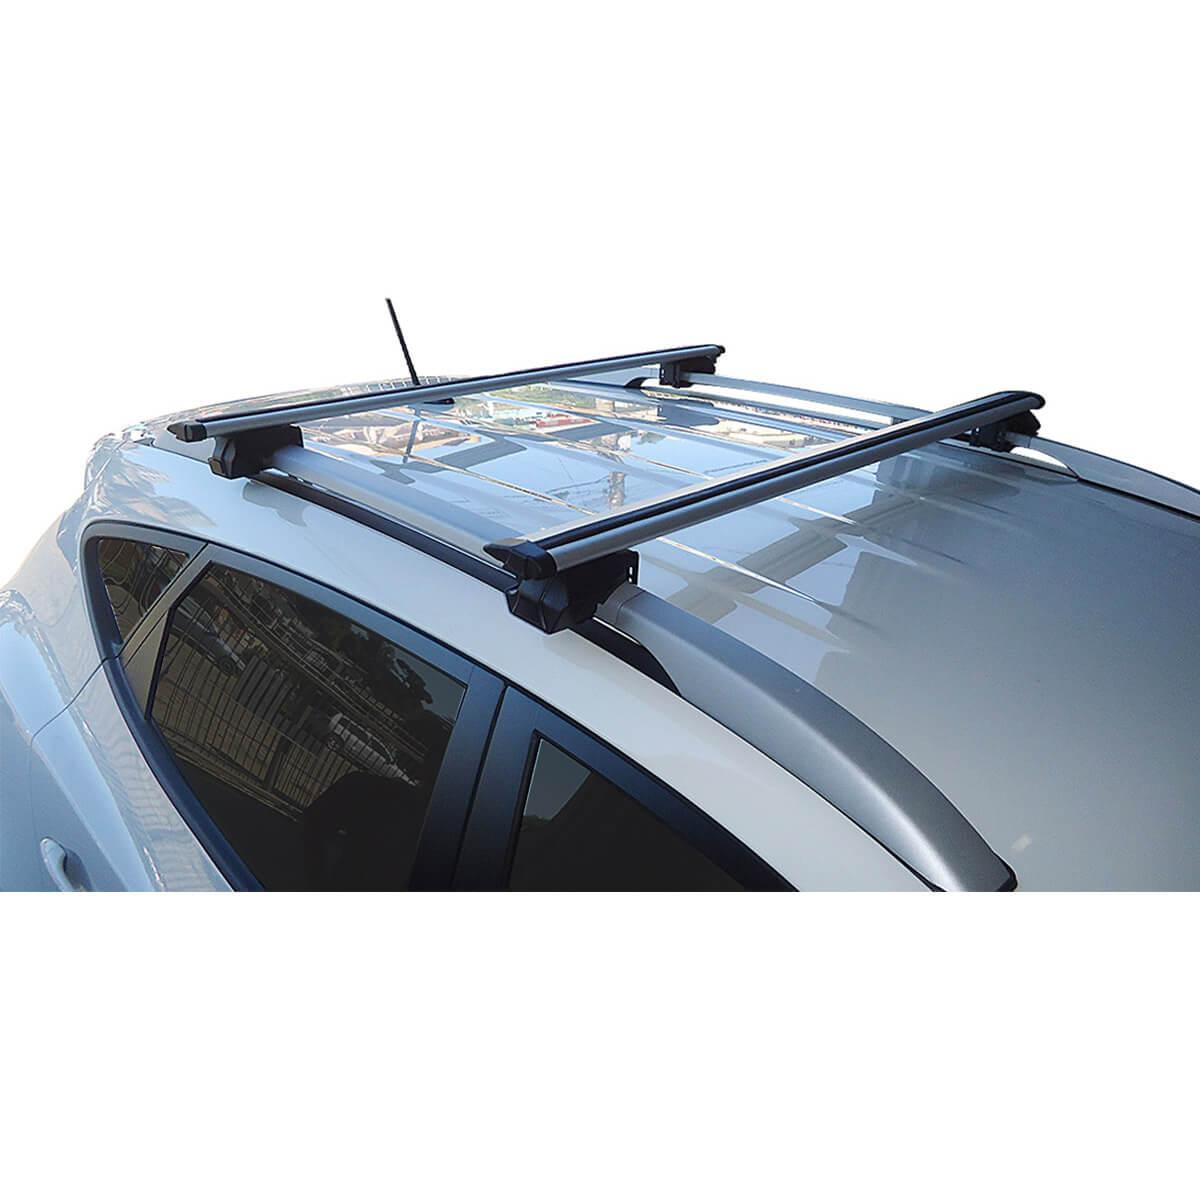 Travessa rack de teto Procargo Crossfox 2010 a 2017 com trava de segurança